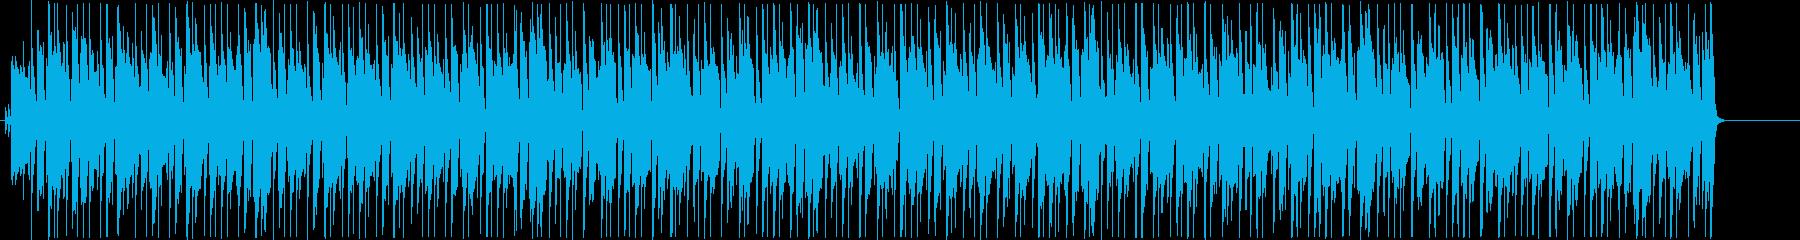 ピアノとウクレレで南の島の休日を…の再生済みの波形